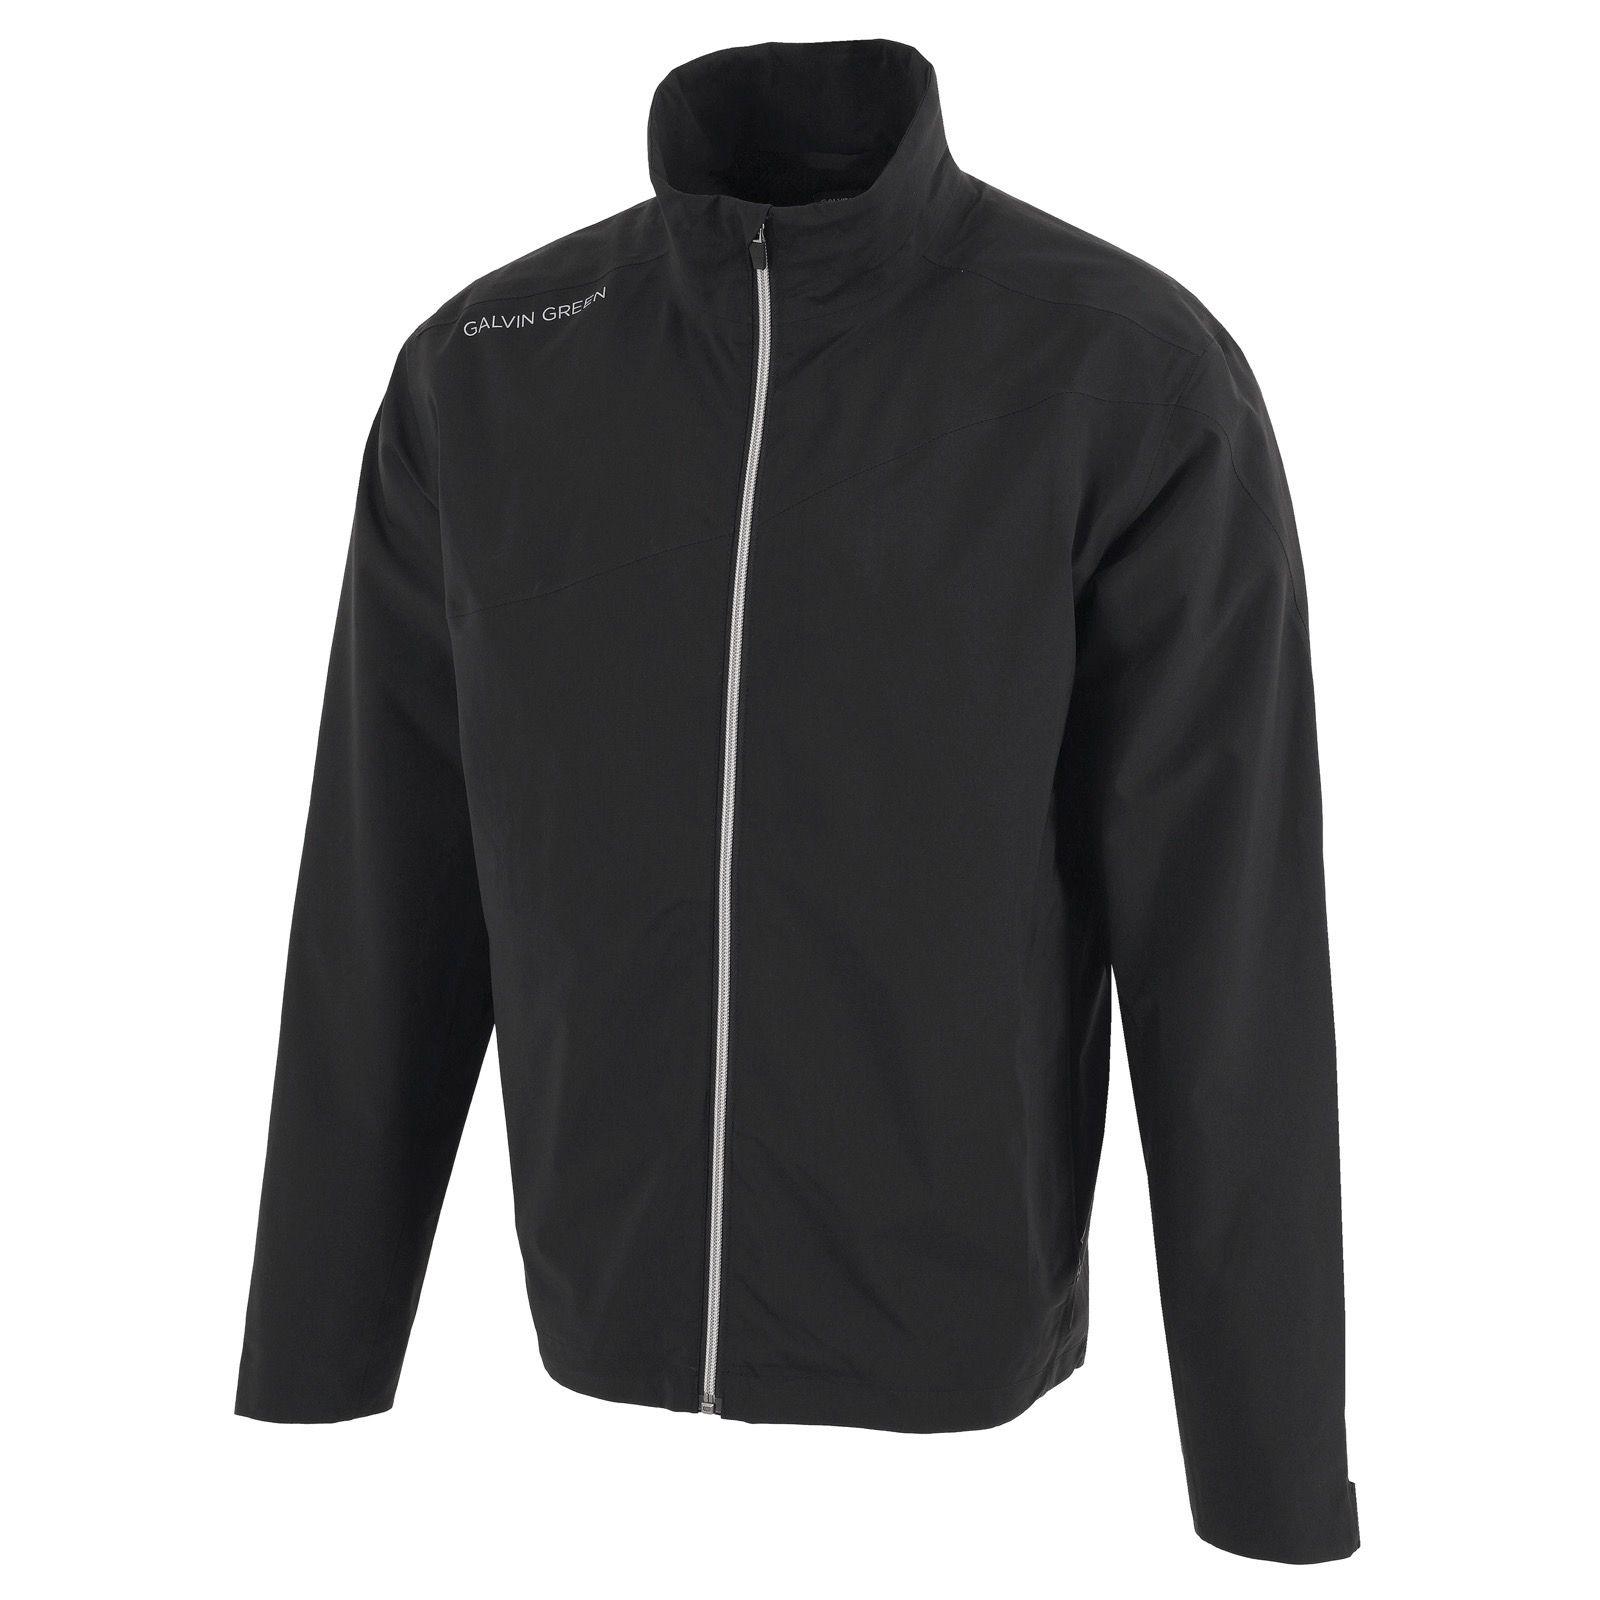 Image of Galvin Green Aaron Gore-Tex Waterproof Golf Jacket